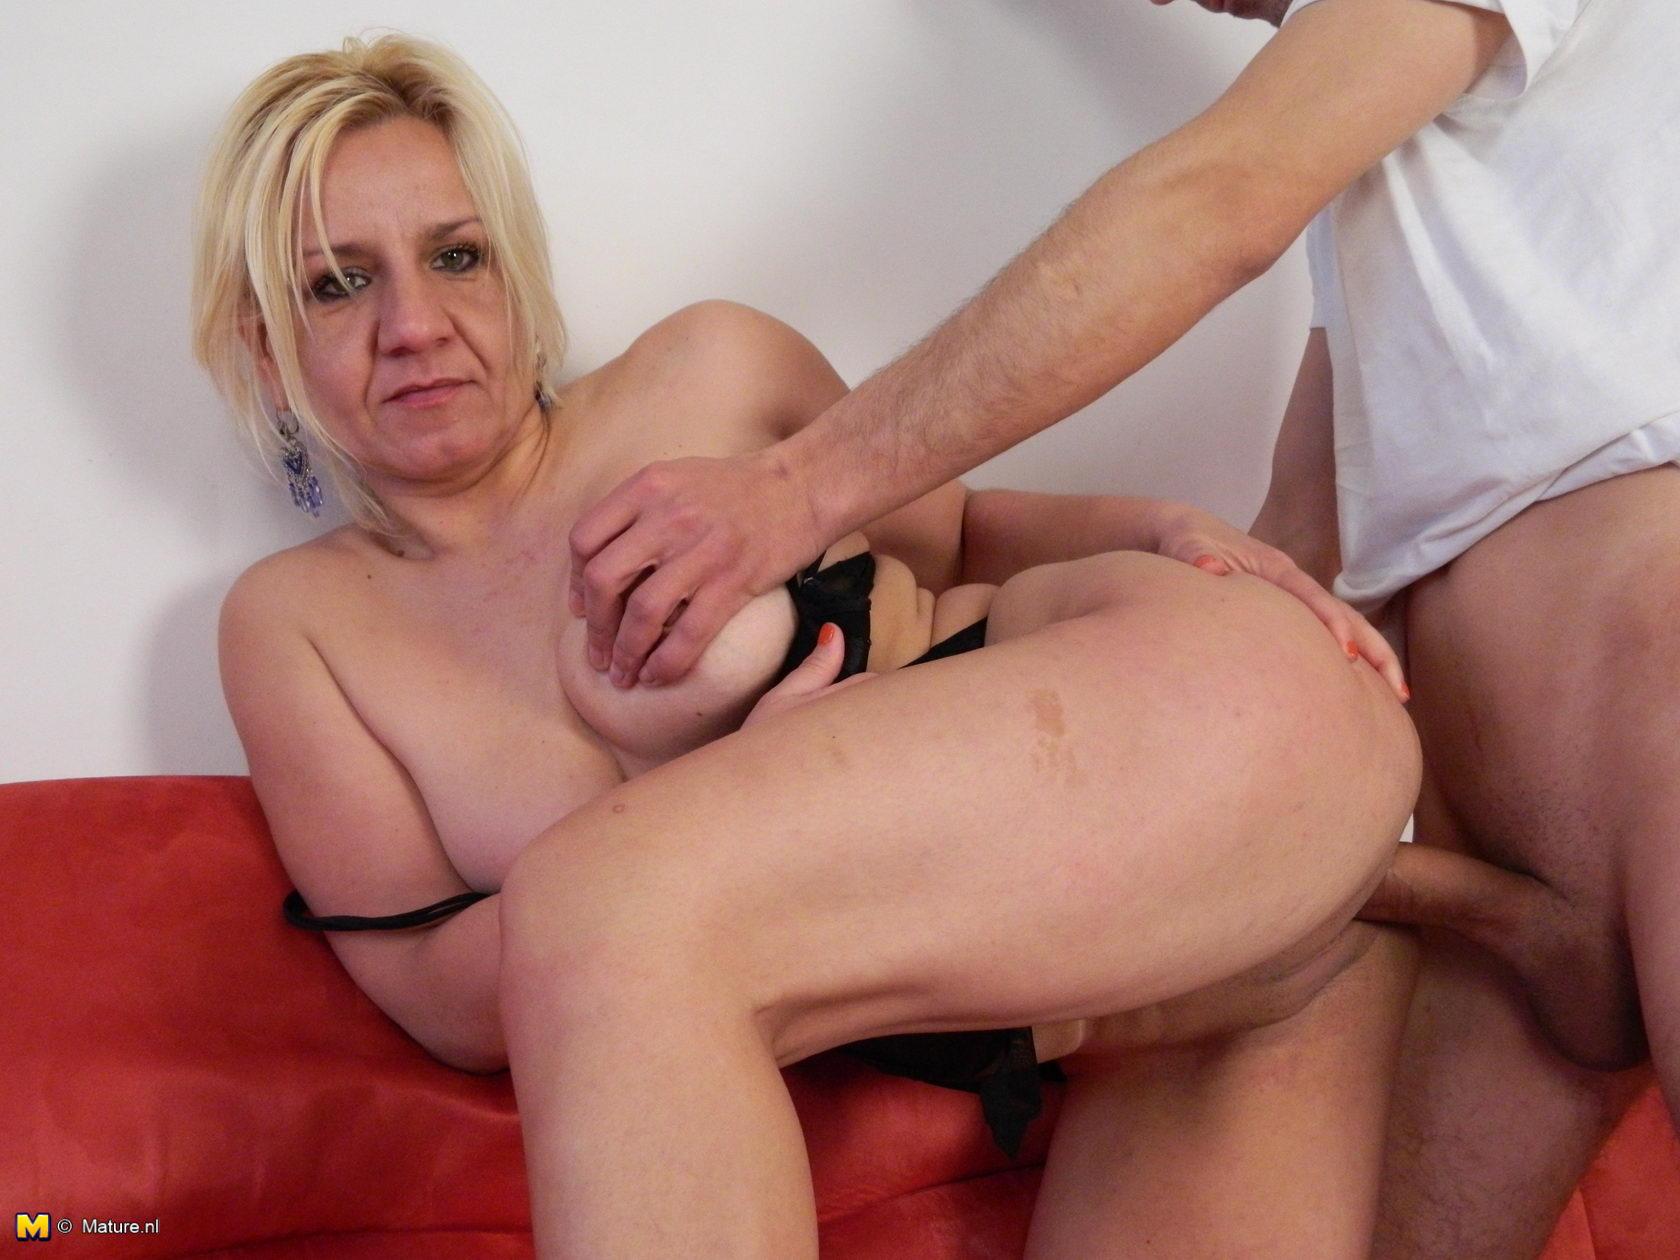 Смотреть порно племяник ебет тётю 26 фотография